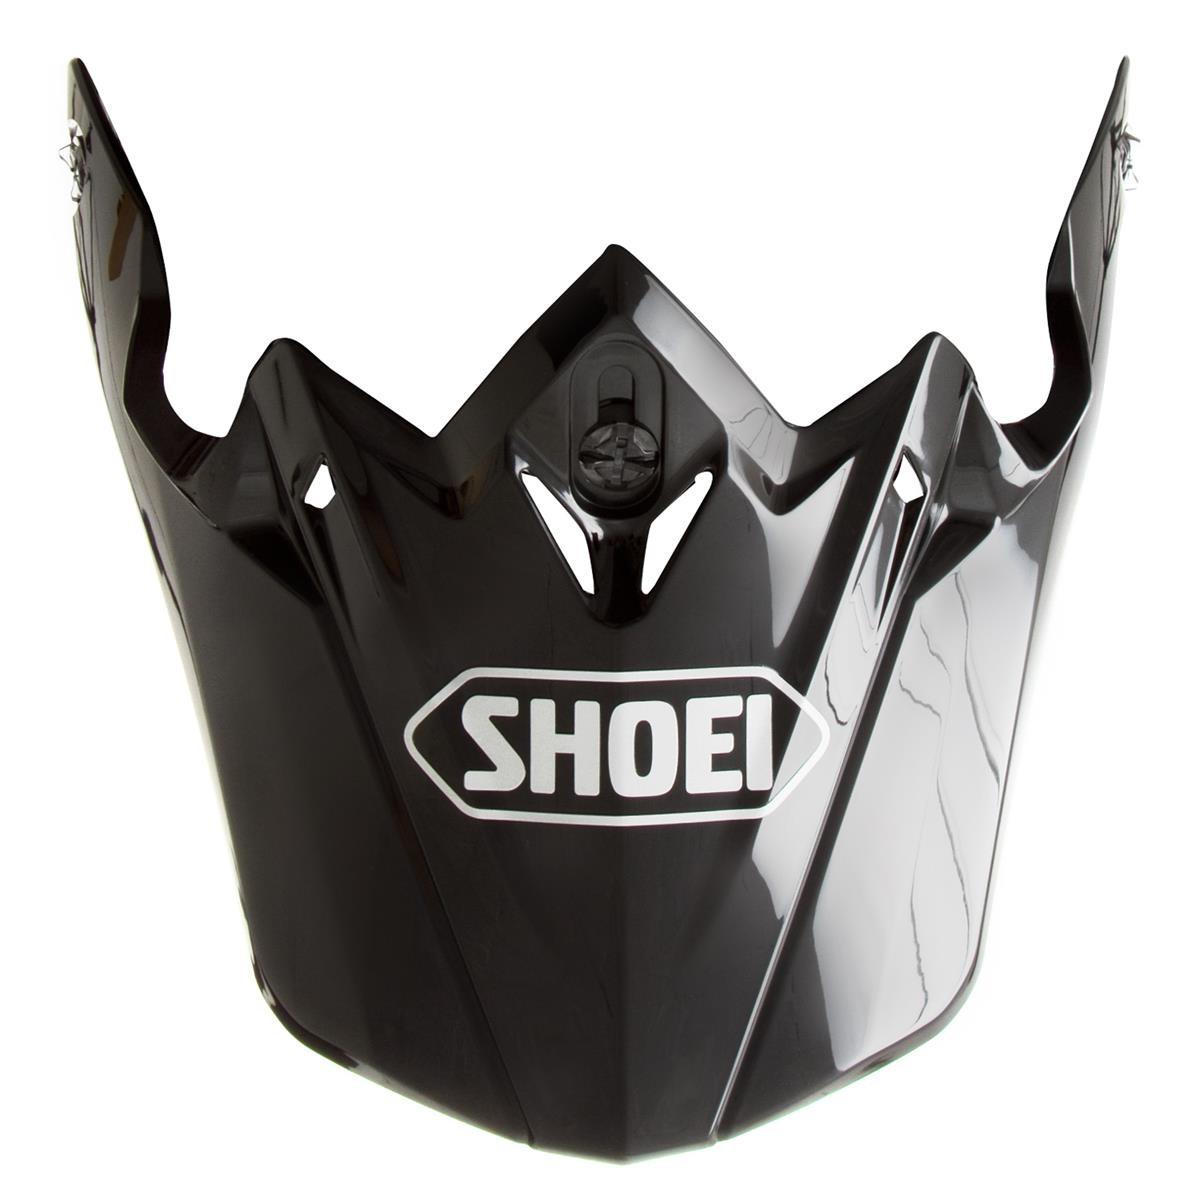 Shoei Helmschild VFX-W Schwarz